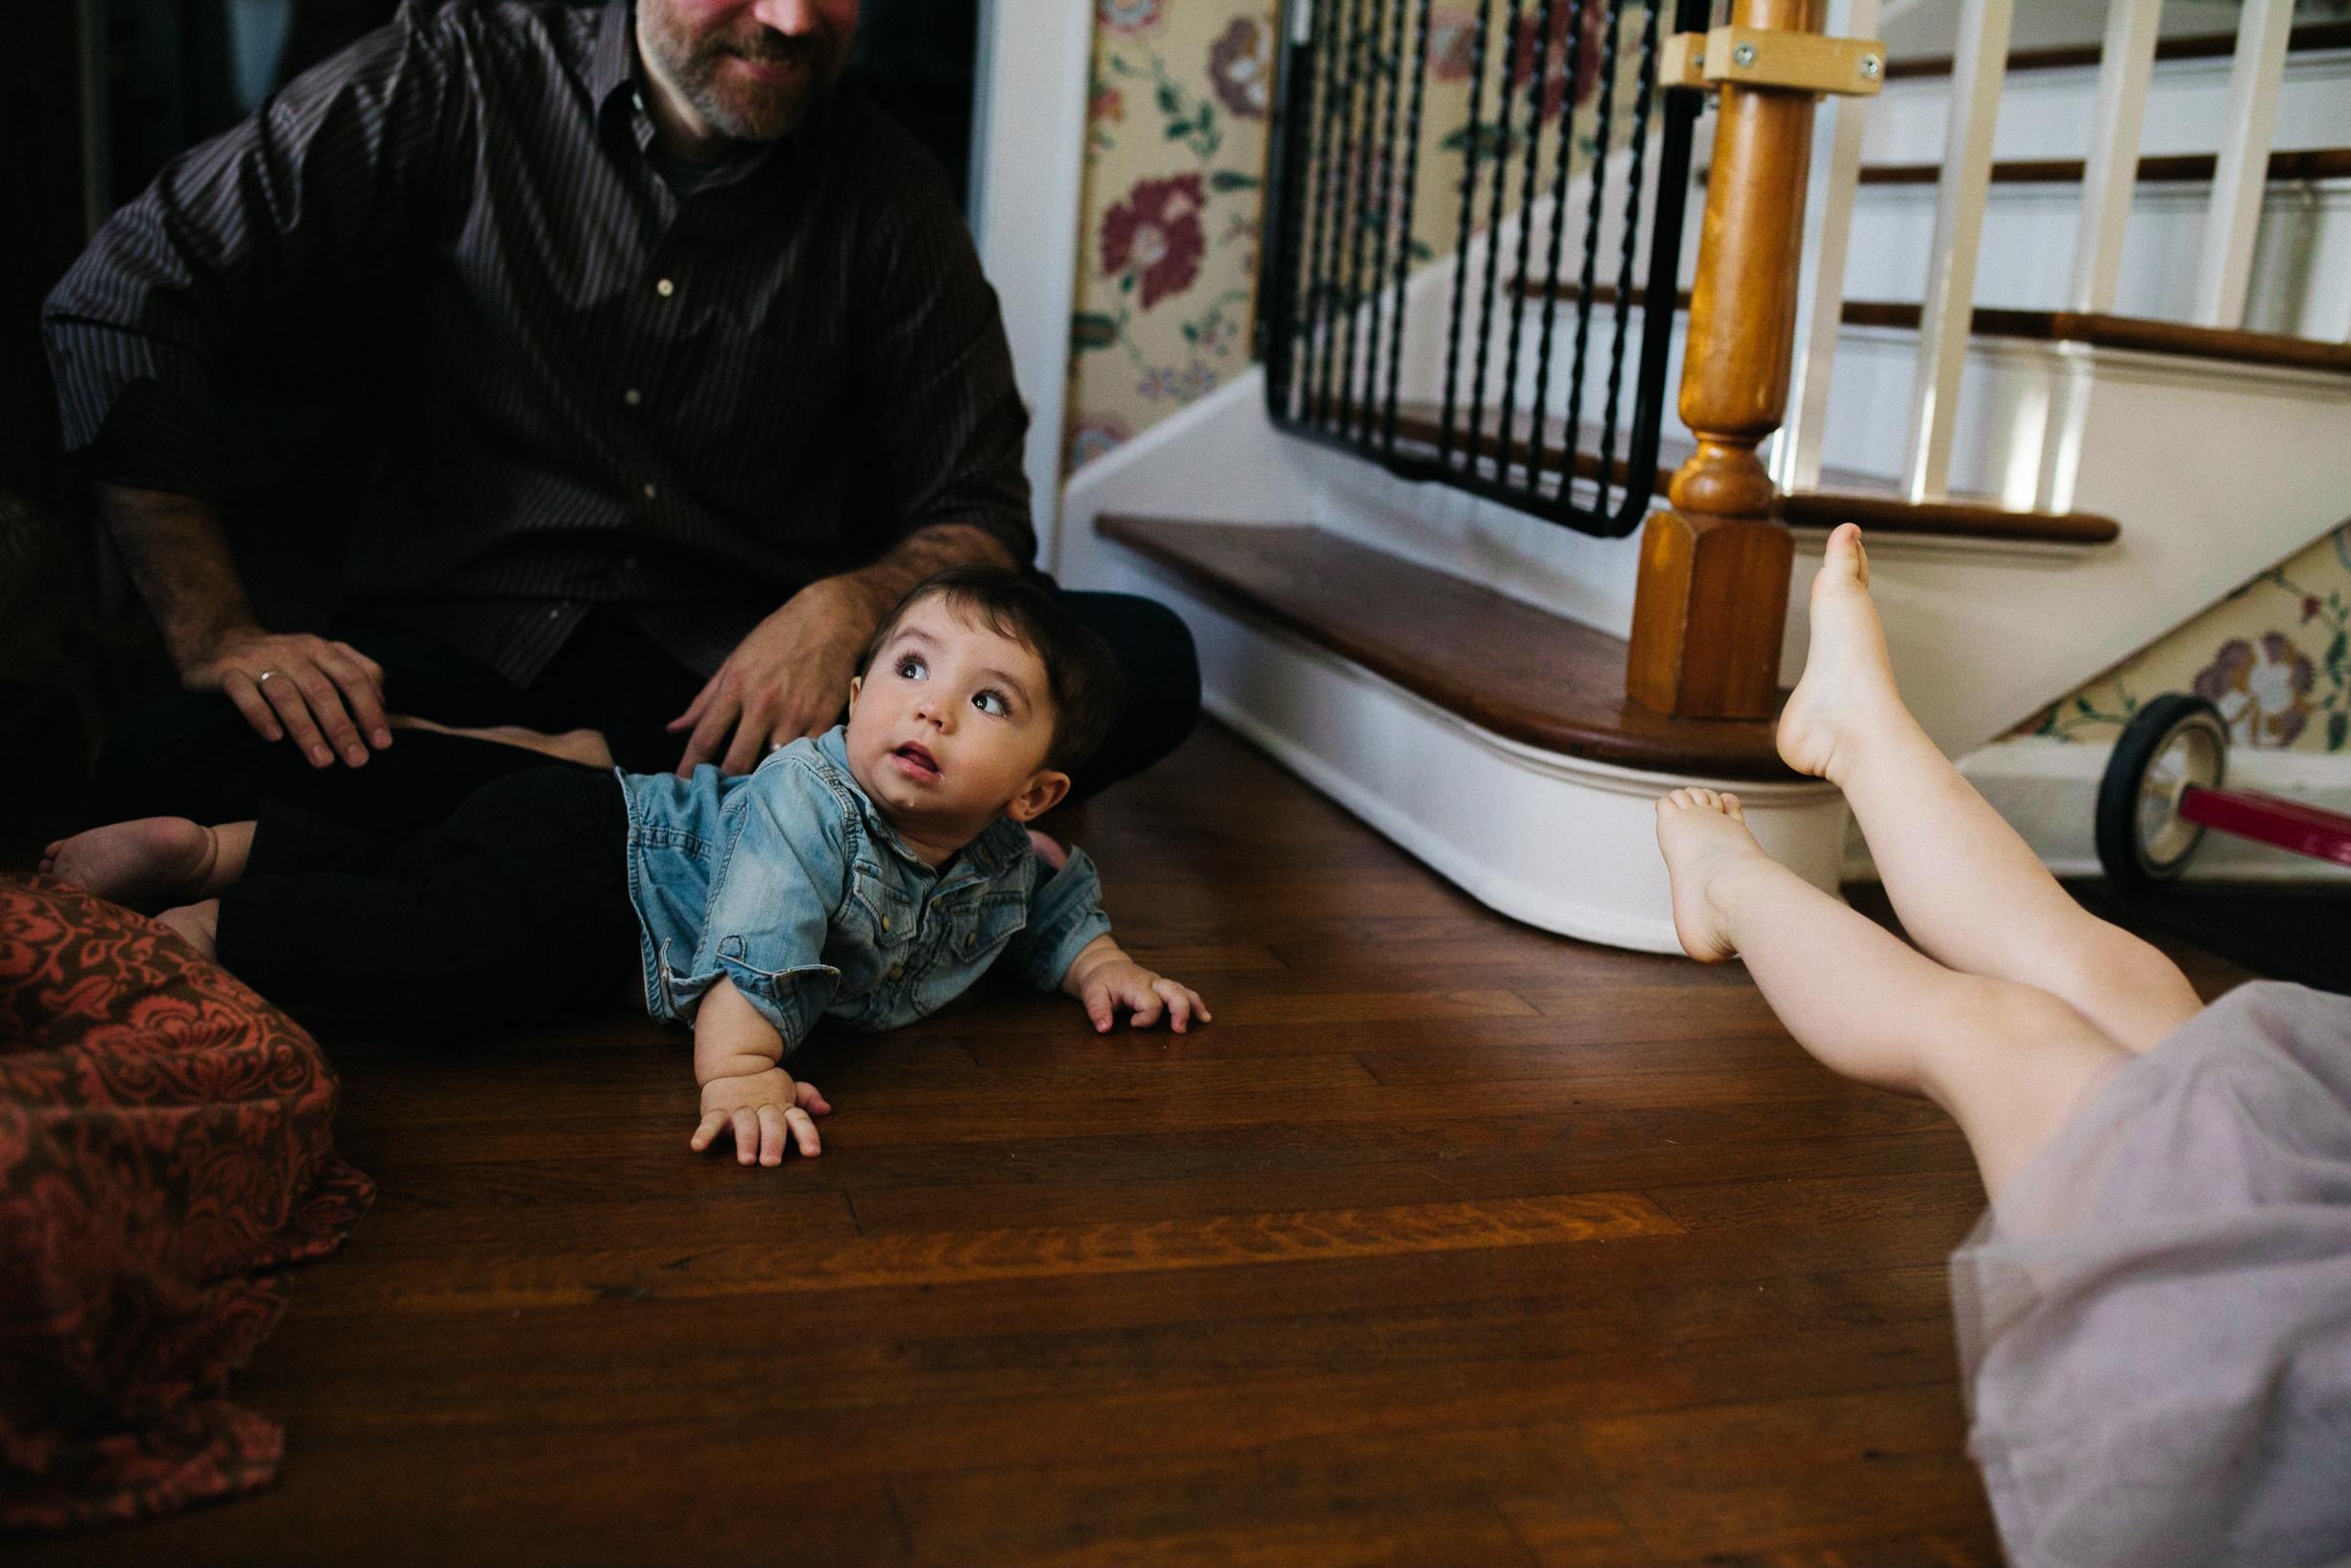 Cathlin McCullough Austin Lifestyle Photography -43.jpg